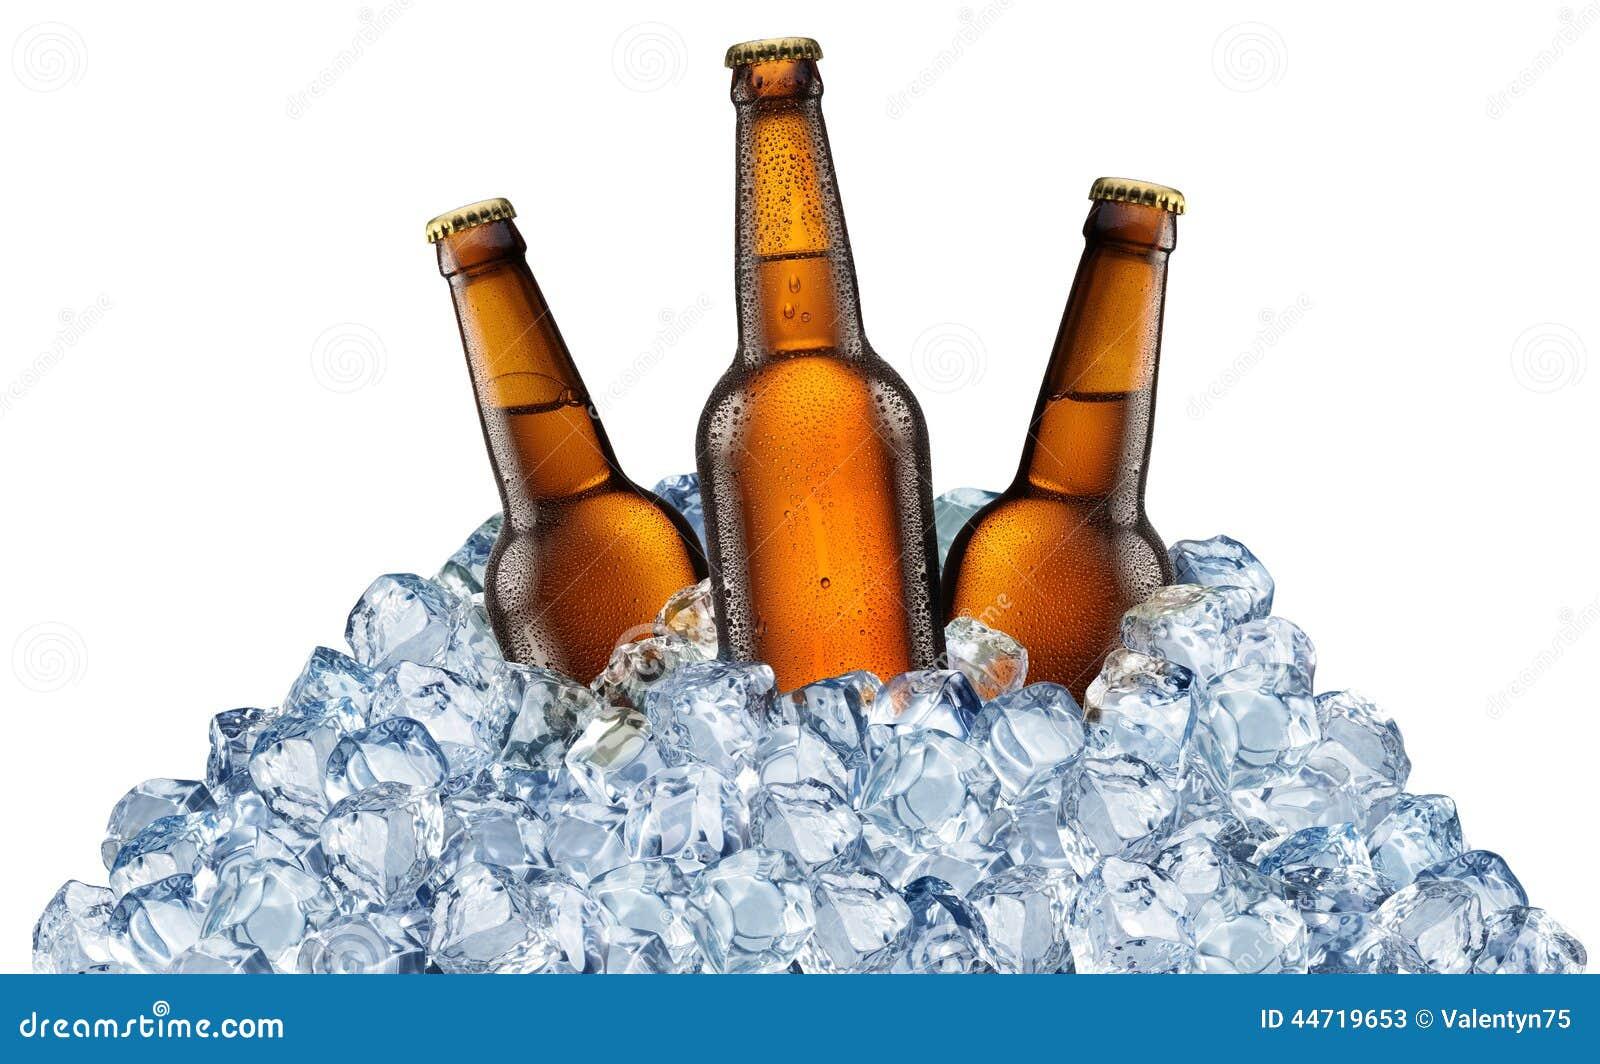 啤酒瓶冷却获得冰查出的桔子三的多维数据集